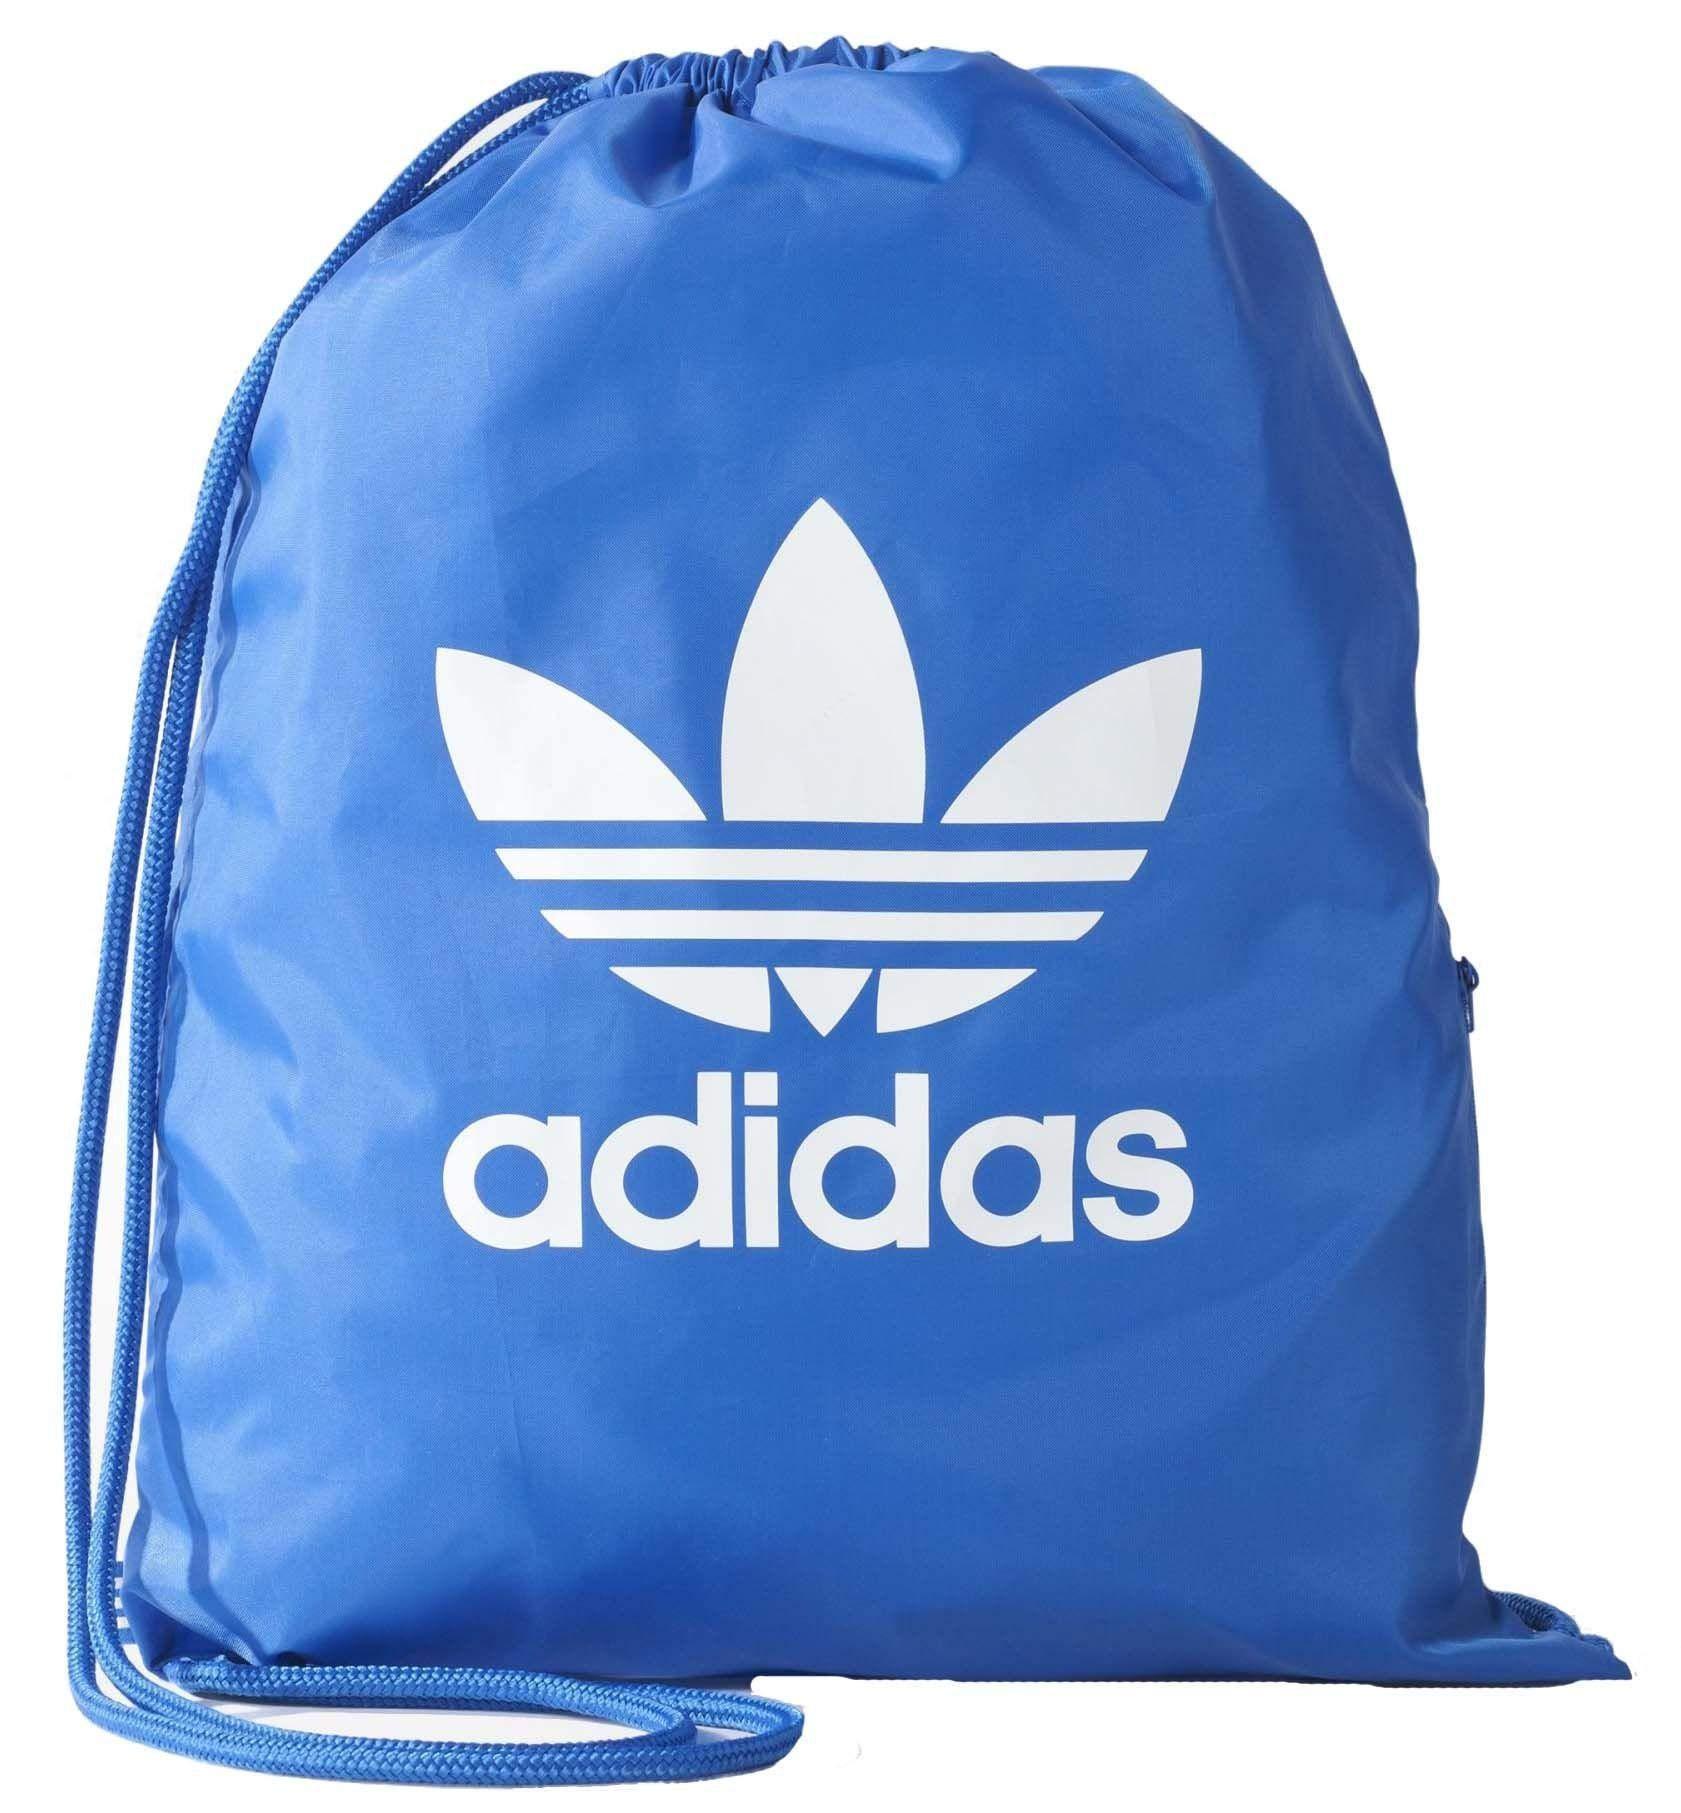 Adidas Trefoil 82b2a20fa210